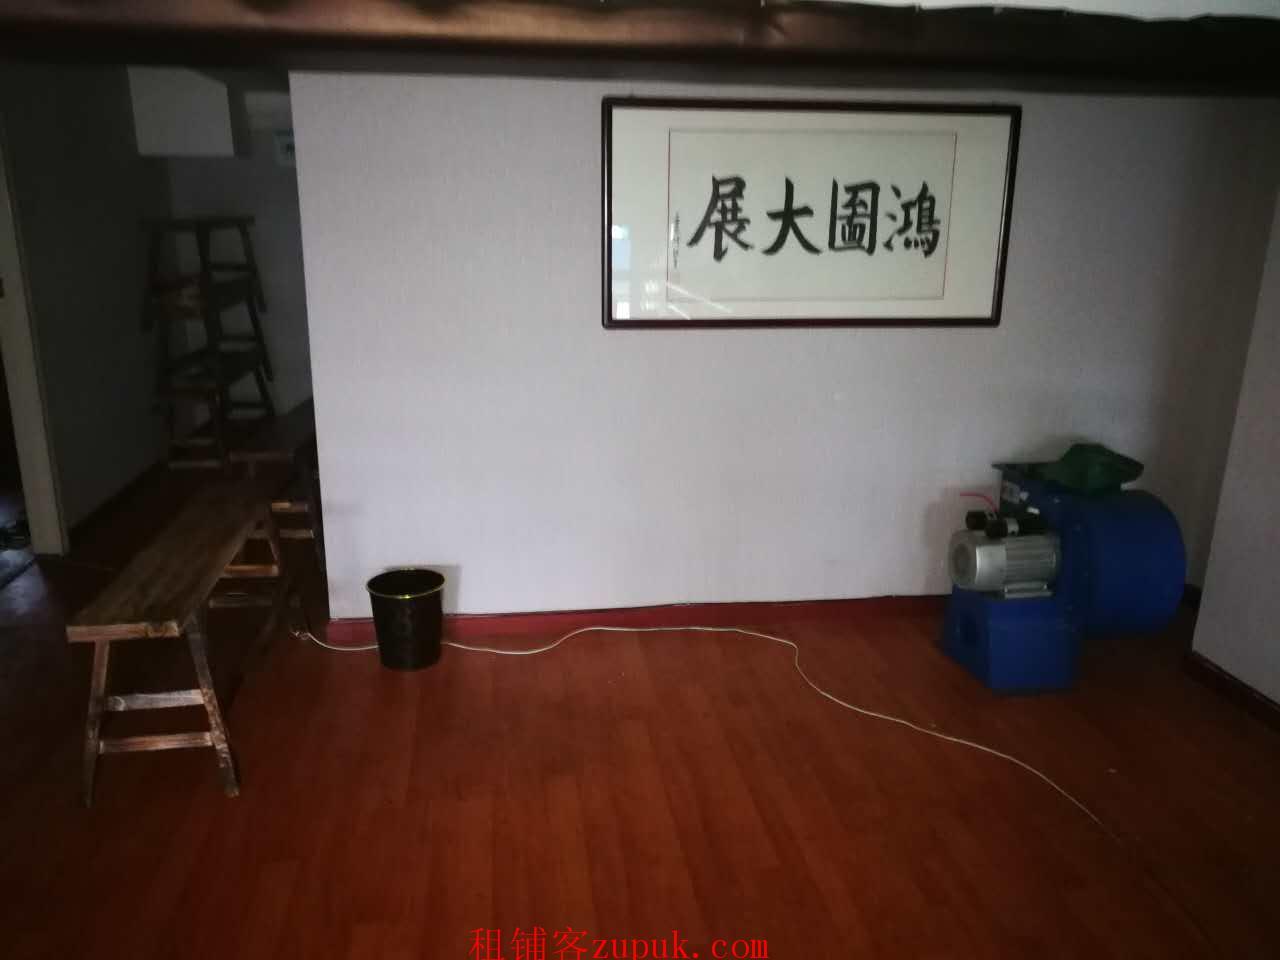 汉阳拦江路餐饮店整转可空转